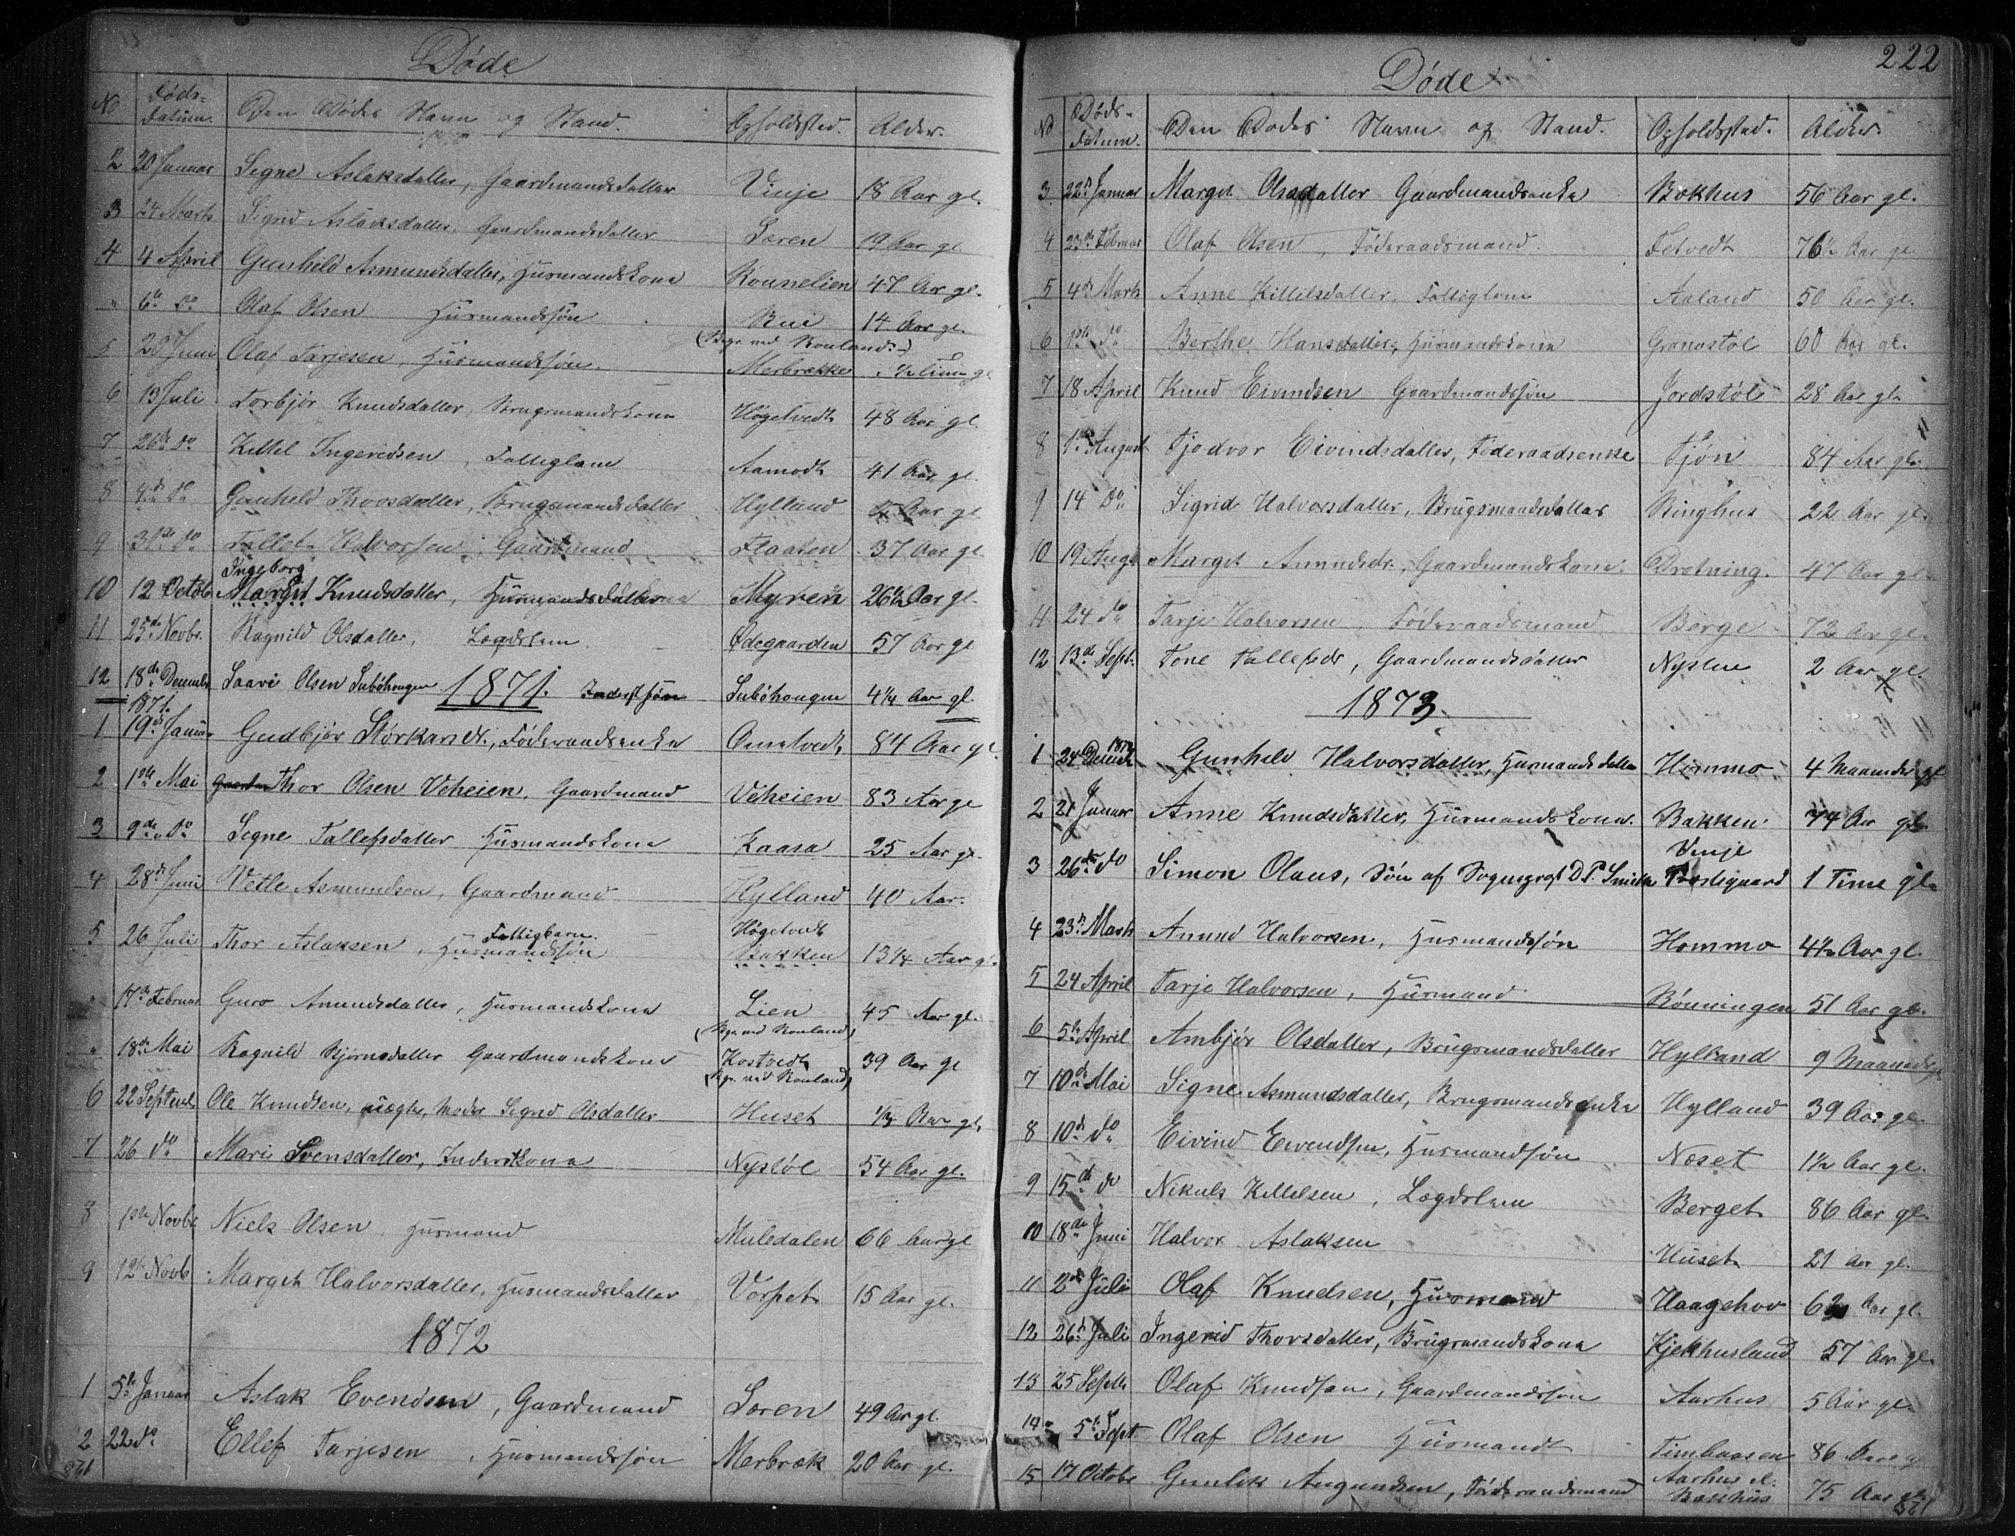 SAKO, Vinje kirkebøker, G/Ga/L0002: Klokkerbok nr. I 2, 1849-1893, s. 222